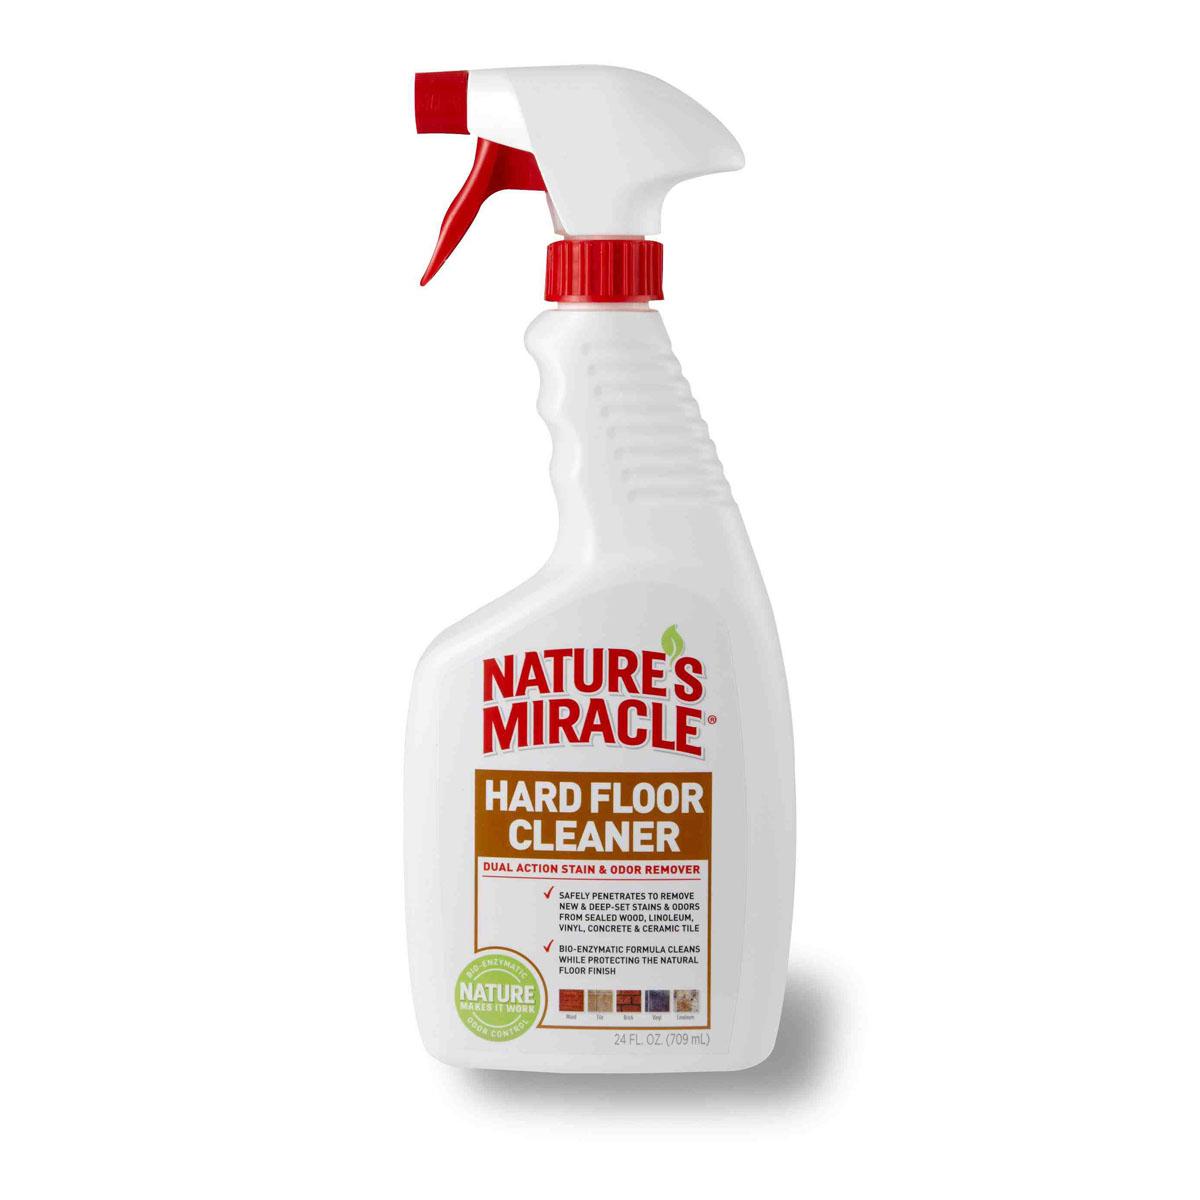 Уничтожитель пятен и запахов для всех видов полов 8 in 1 Natures Miracle, 709 мл5055538Уничтожитель пятен и запахов для всех видов полов 8 in 1 Natures Miracle специально разработан для безопасного удаления с твердых поверхностей пятен и запахов от фекалий, мочи, жира, рвоты и других свежих и въевшихся органических загрязнений за счет био-энзимной чистящей формулы. Благодаря специальной технологии Finish-Protect, средство осуществляет глубокую очистку, защищая при этом покрытие пола, будь то дерево, керамическая плитка, винил или линолеум. Уничтожитель пятен и запахов для всех видов полов можно также использовать на твердых поверхностях, переносках, спальных местах животных и в кошачьих туалетах. Средство идеально справляется с пятнами и запахами, оставленными собаками, кошками и другими животными. Способ применения: 1) Перед применением хорошо встряхните. 2) Удалите излишнюю влажность и грязь. 3) Перед использованием протестируйте средство на незаметной области. Вытрите поверхность тканью. Не используйте средство, если покрытие...